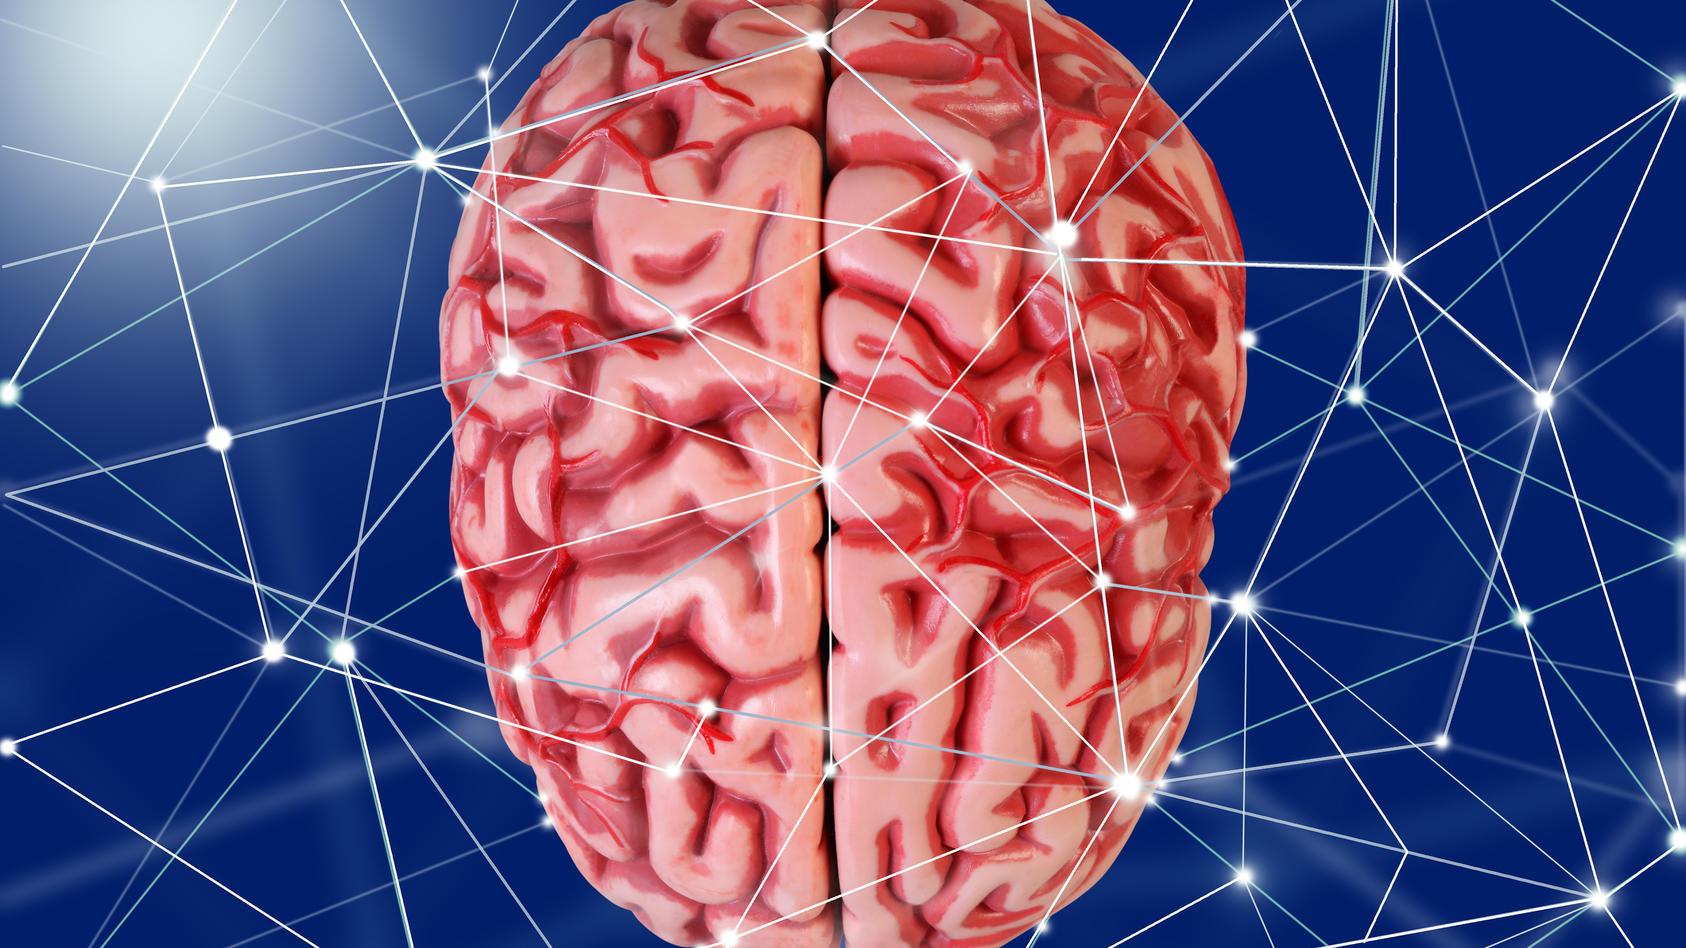 Modell eines menschlichen Gehirns